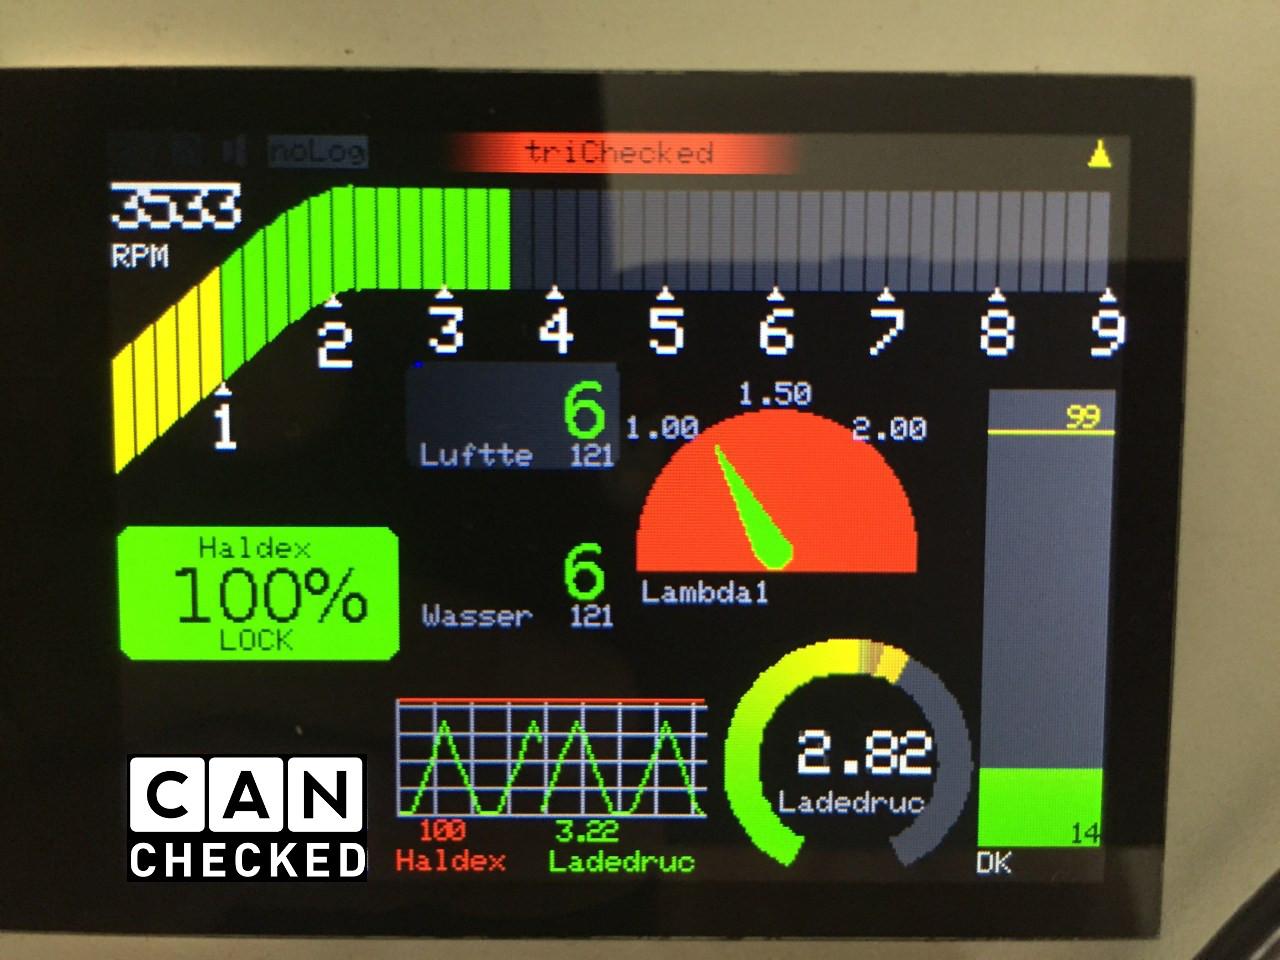 Haldex Widget Display Steuerung